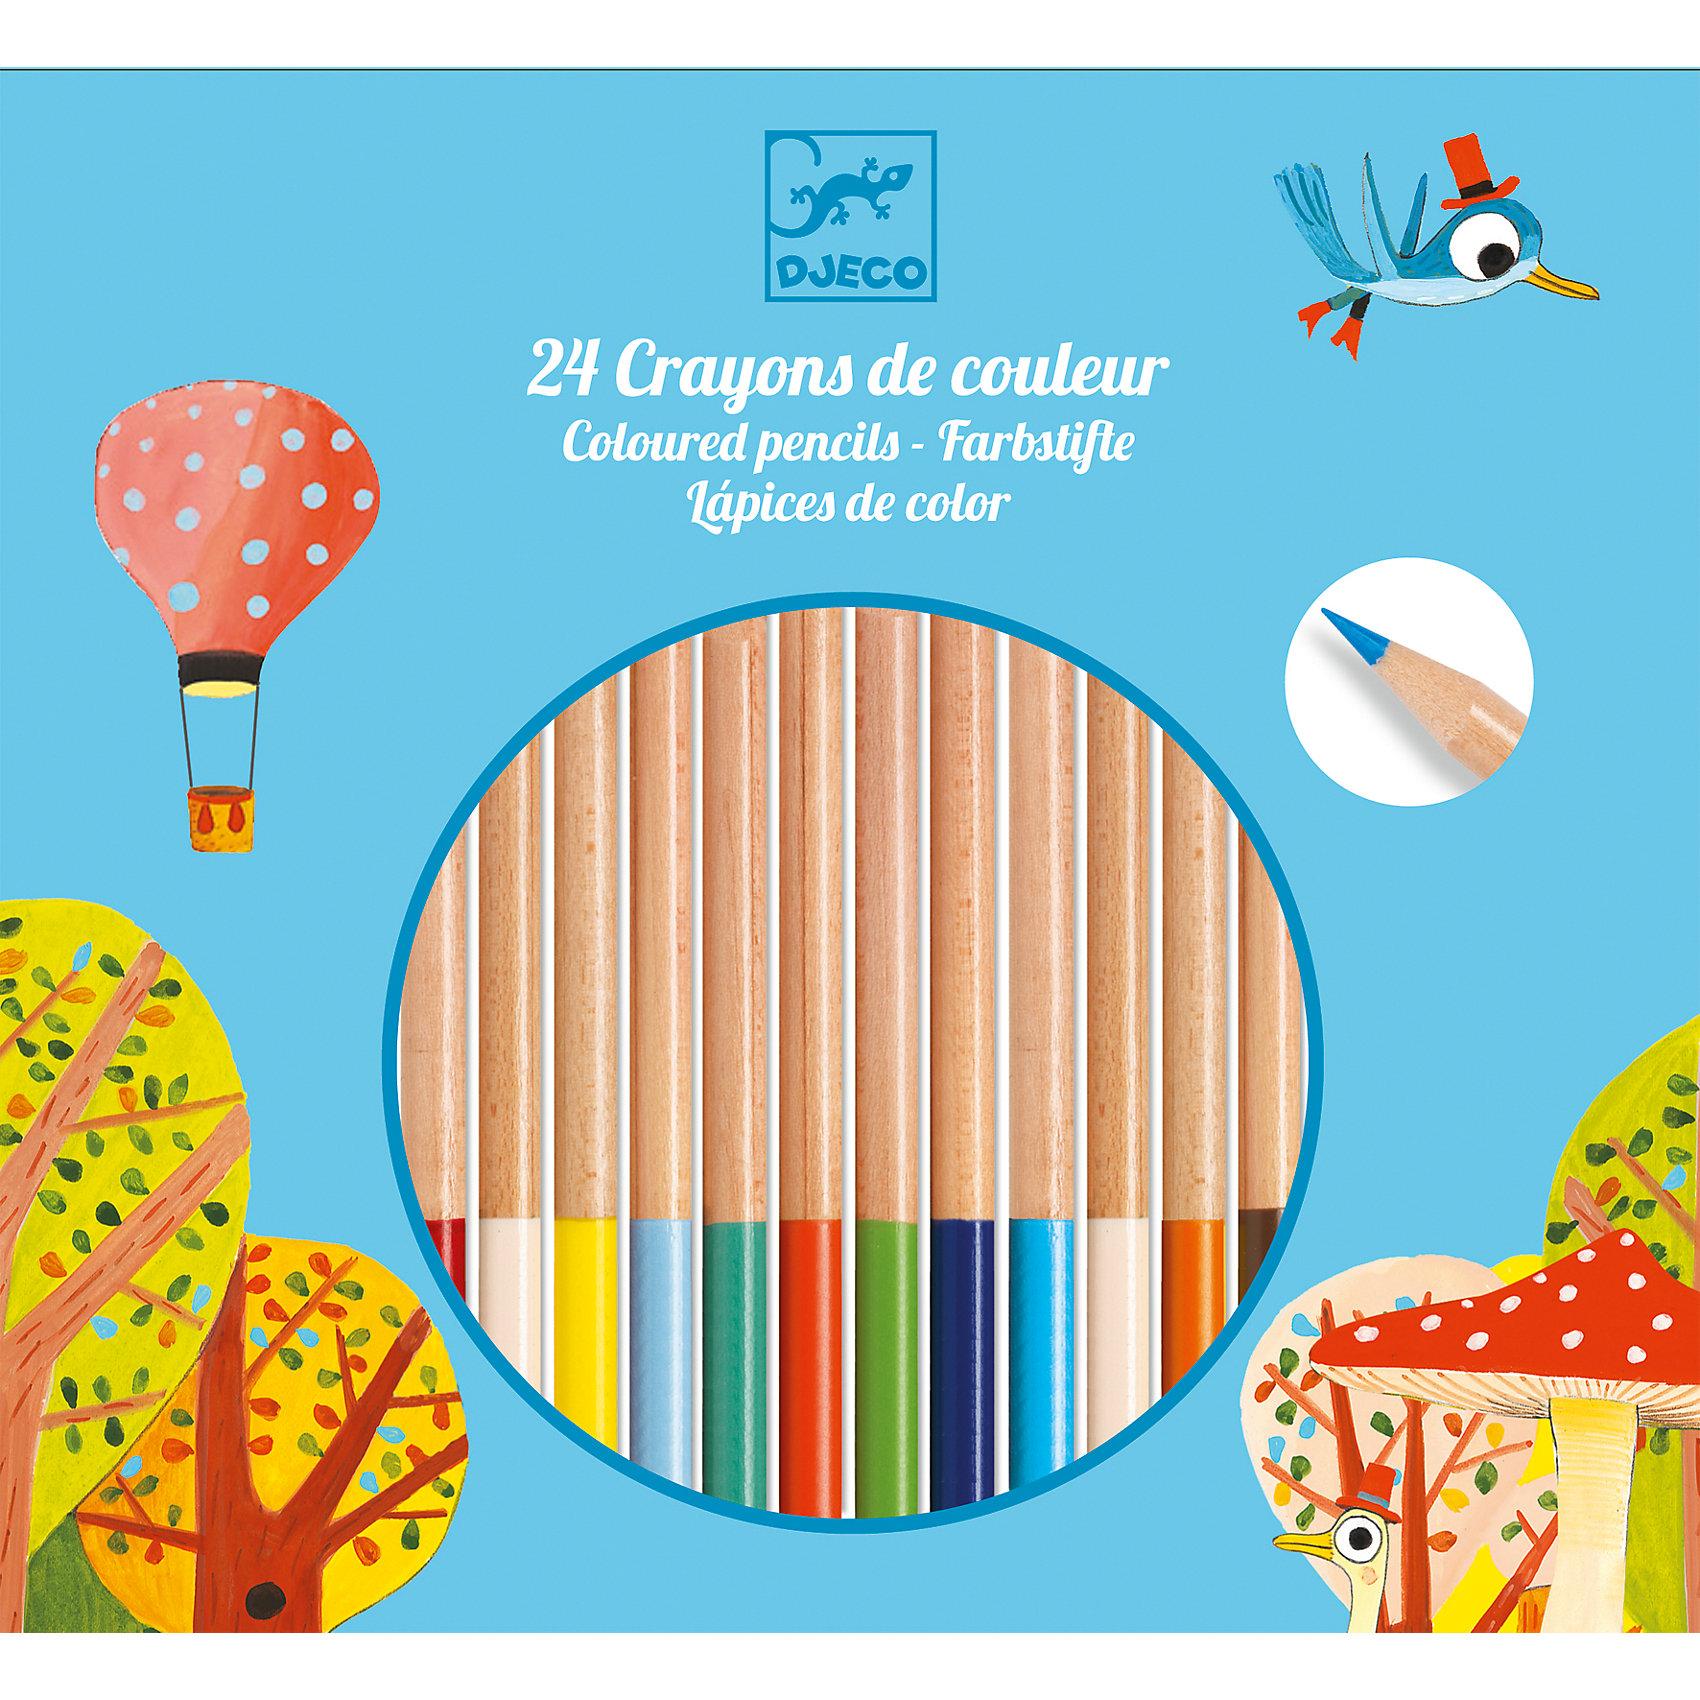 Цветные карандаши 24 шт., DJECOПисьменные принадлежности<br>Характеристики цветных карандашей:<br><br>• возраст: от 3 лет<br>• пол: универсальный<br>• тип: 24 карандаша<br>• материал: дерево<br>• размер упаковки: 18.5 х 20 х 1 см.<br>• упаковка: картонная коробка открытого типа.<br>• длина карандаша: 18 см<br>• бренд: Djeco<br>• страна обладатель бренда: Франция.<br><br>Цветные карандаши от Djeco понравятся малышам и взрослым. 24 разных цвета позволятпреобразить рисунок и придать ему необычайное  сияние. Карандаши сделаны из качественныхматериалов. Древесина легко точится, а стержень сделан из мягкого композита, благодаря чему им очень удобно рисовать. Цвет ложится гладко и равномерно, превращая процесс раскрашиванияили рисования в незабываемое путешествие.<br><br>Набор цветных карандашей от торговой марки Djeco (Джеко) можно купить в нашем интернет-магазине.<br><br>Ширина мм: 200<br>Глубина мм: 19<br>Высота мм: 10<br>Вес г: 180<br>Возраст от месяцев: 36<br>Возраст до месяцев: 2147483647<br>Пол: Унисекс<br>Возраст: Детский<br>SKU: 5448831